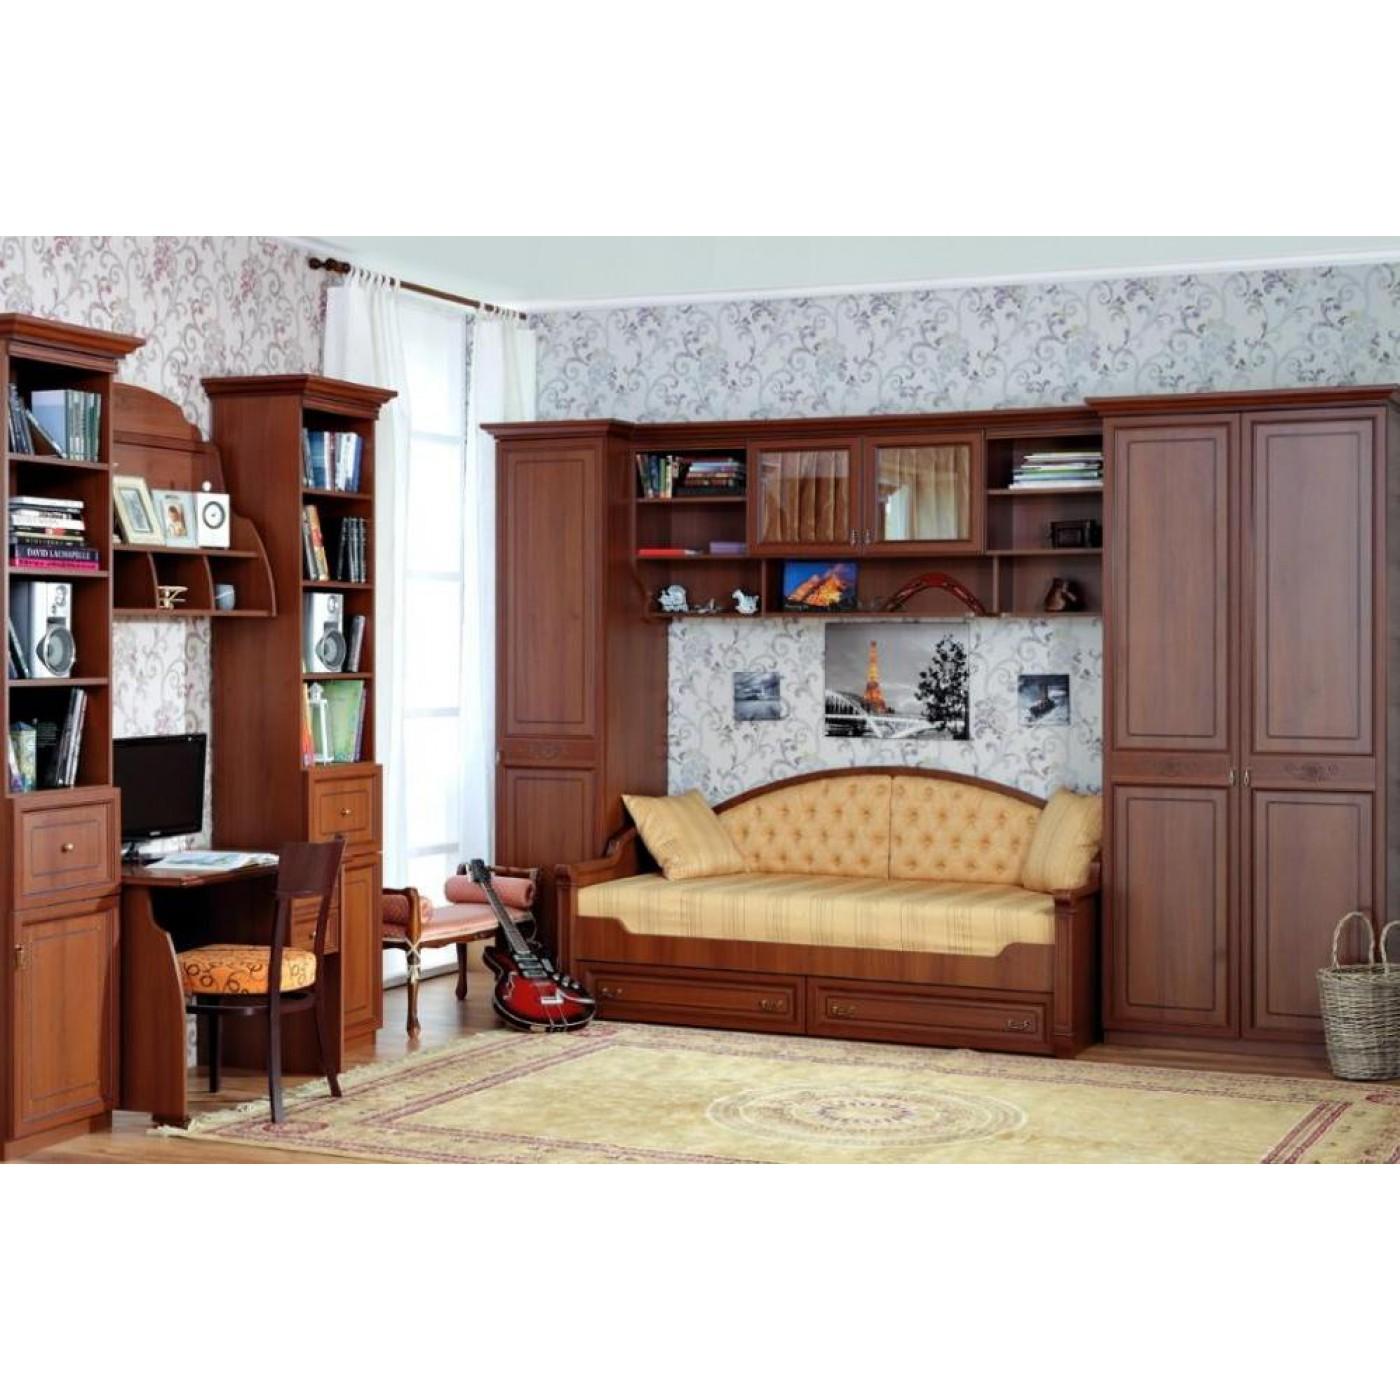 КАПРИ, Мебель для детских комнат, ПРАГМАТИКА